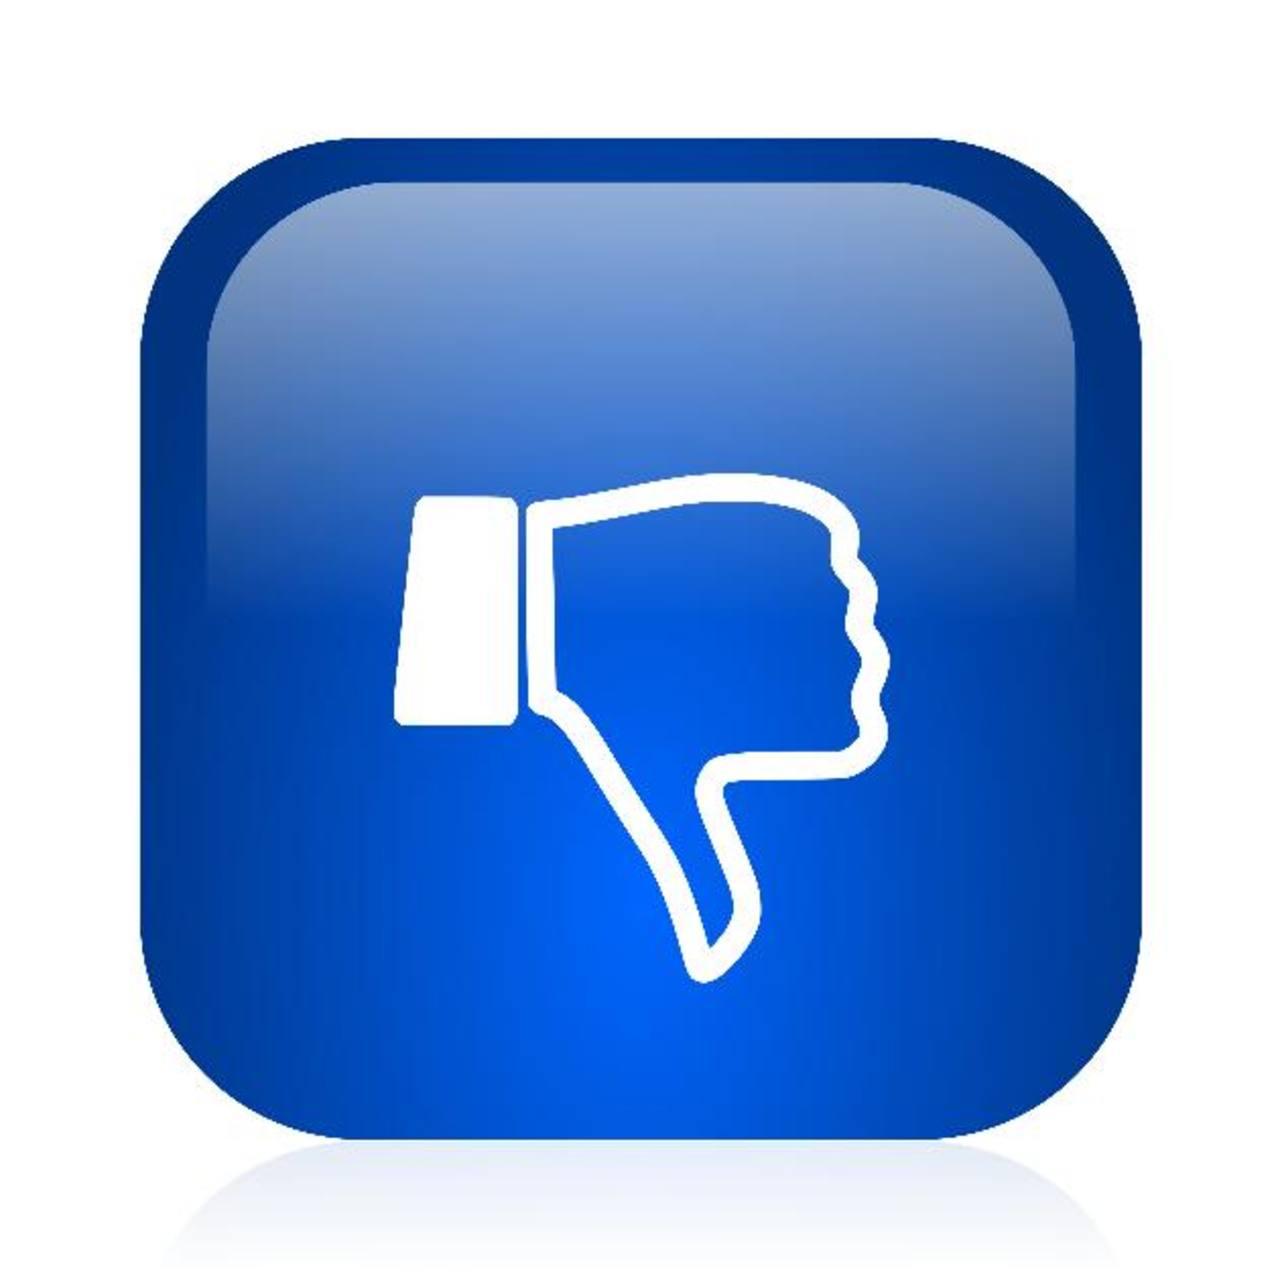 Los 5 engaños más comunes en Facebook